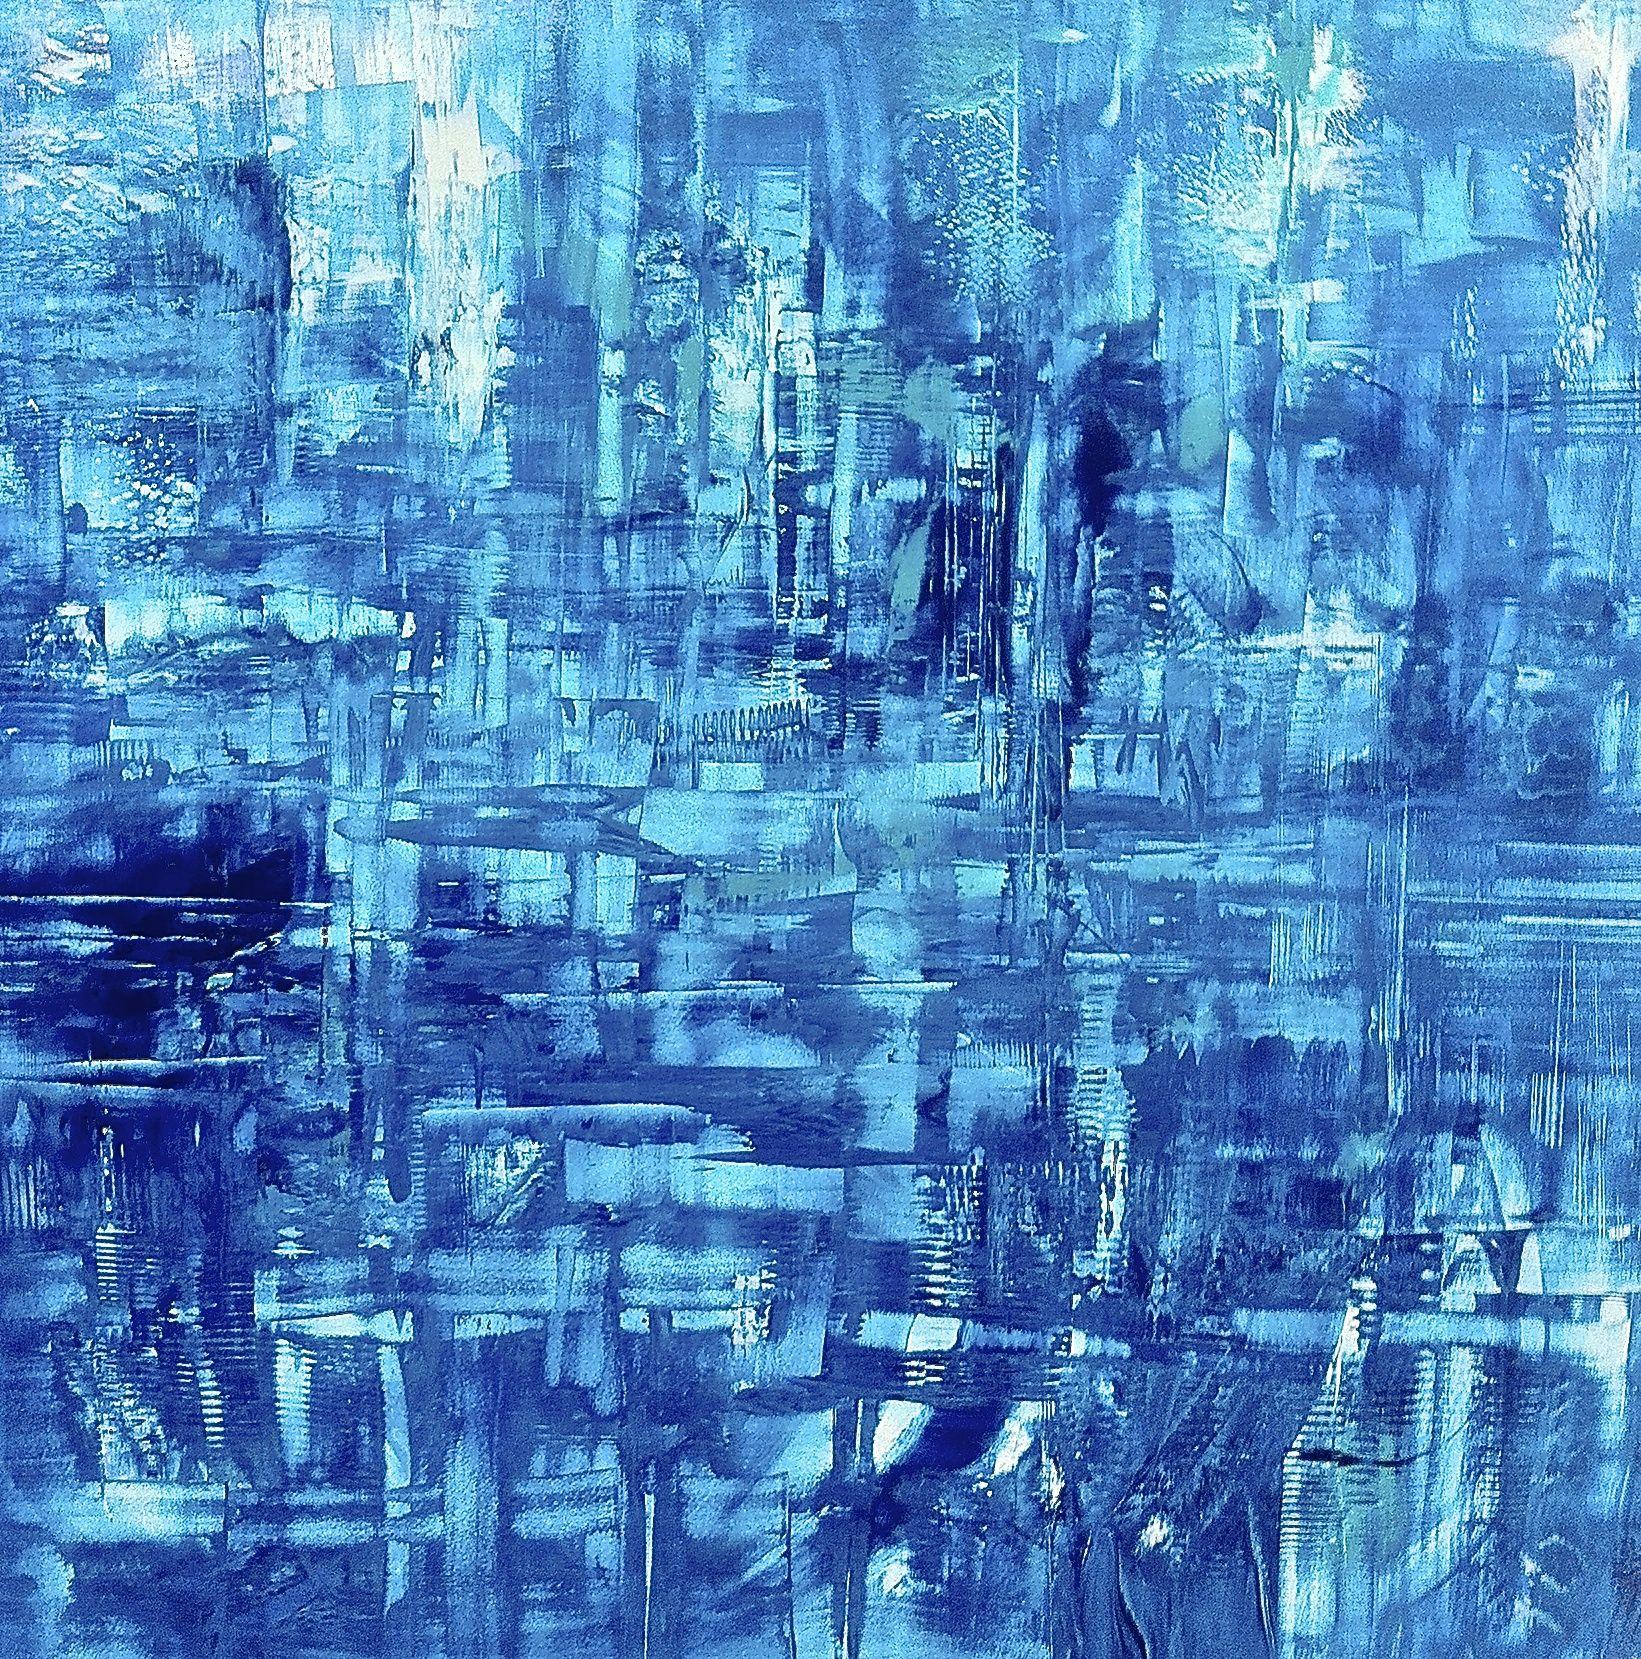 Big Blue, oil on panel, 48x48, 2013